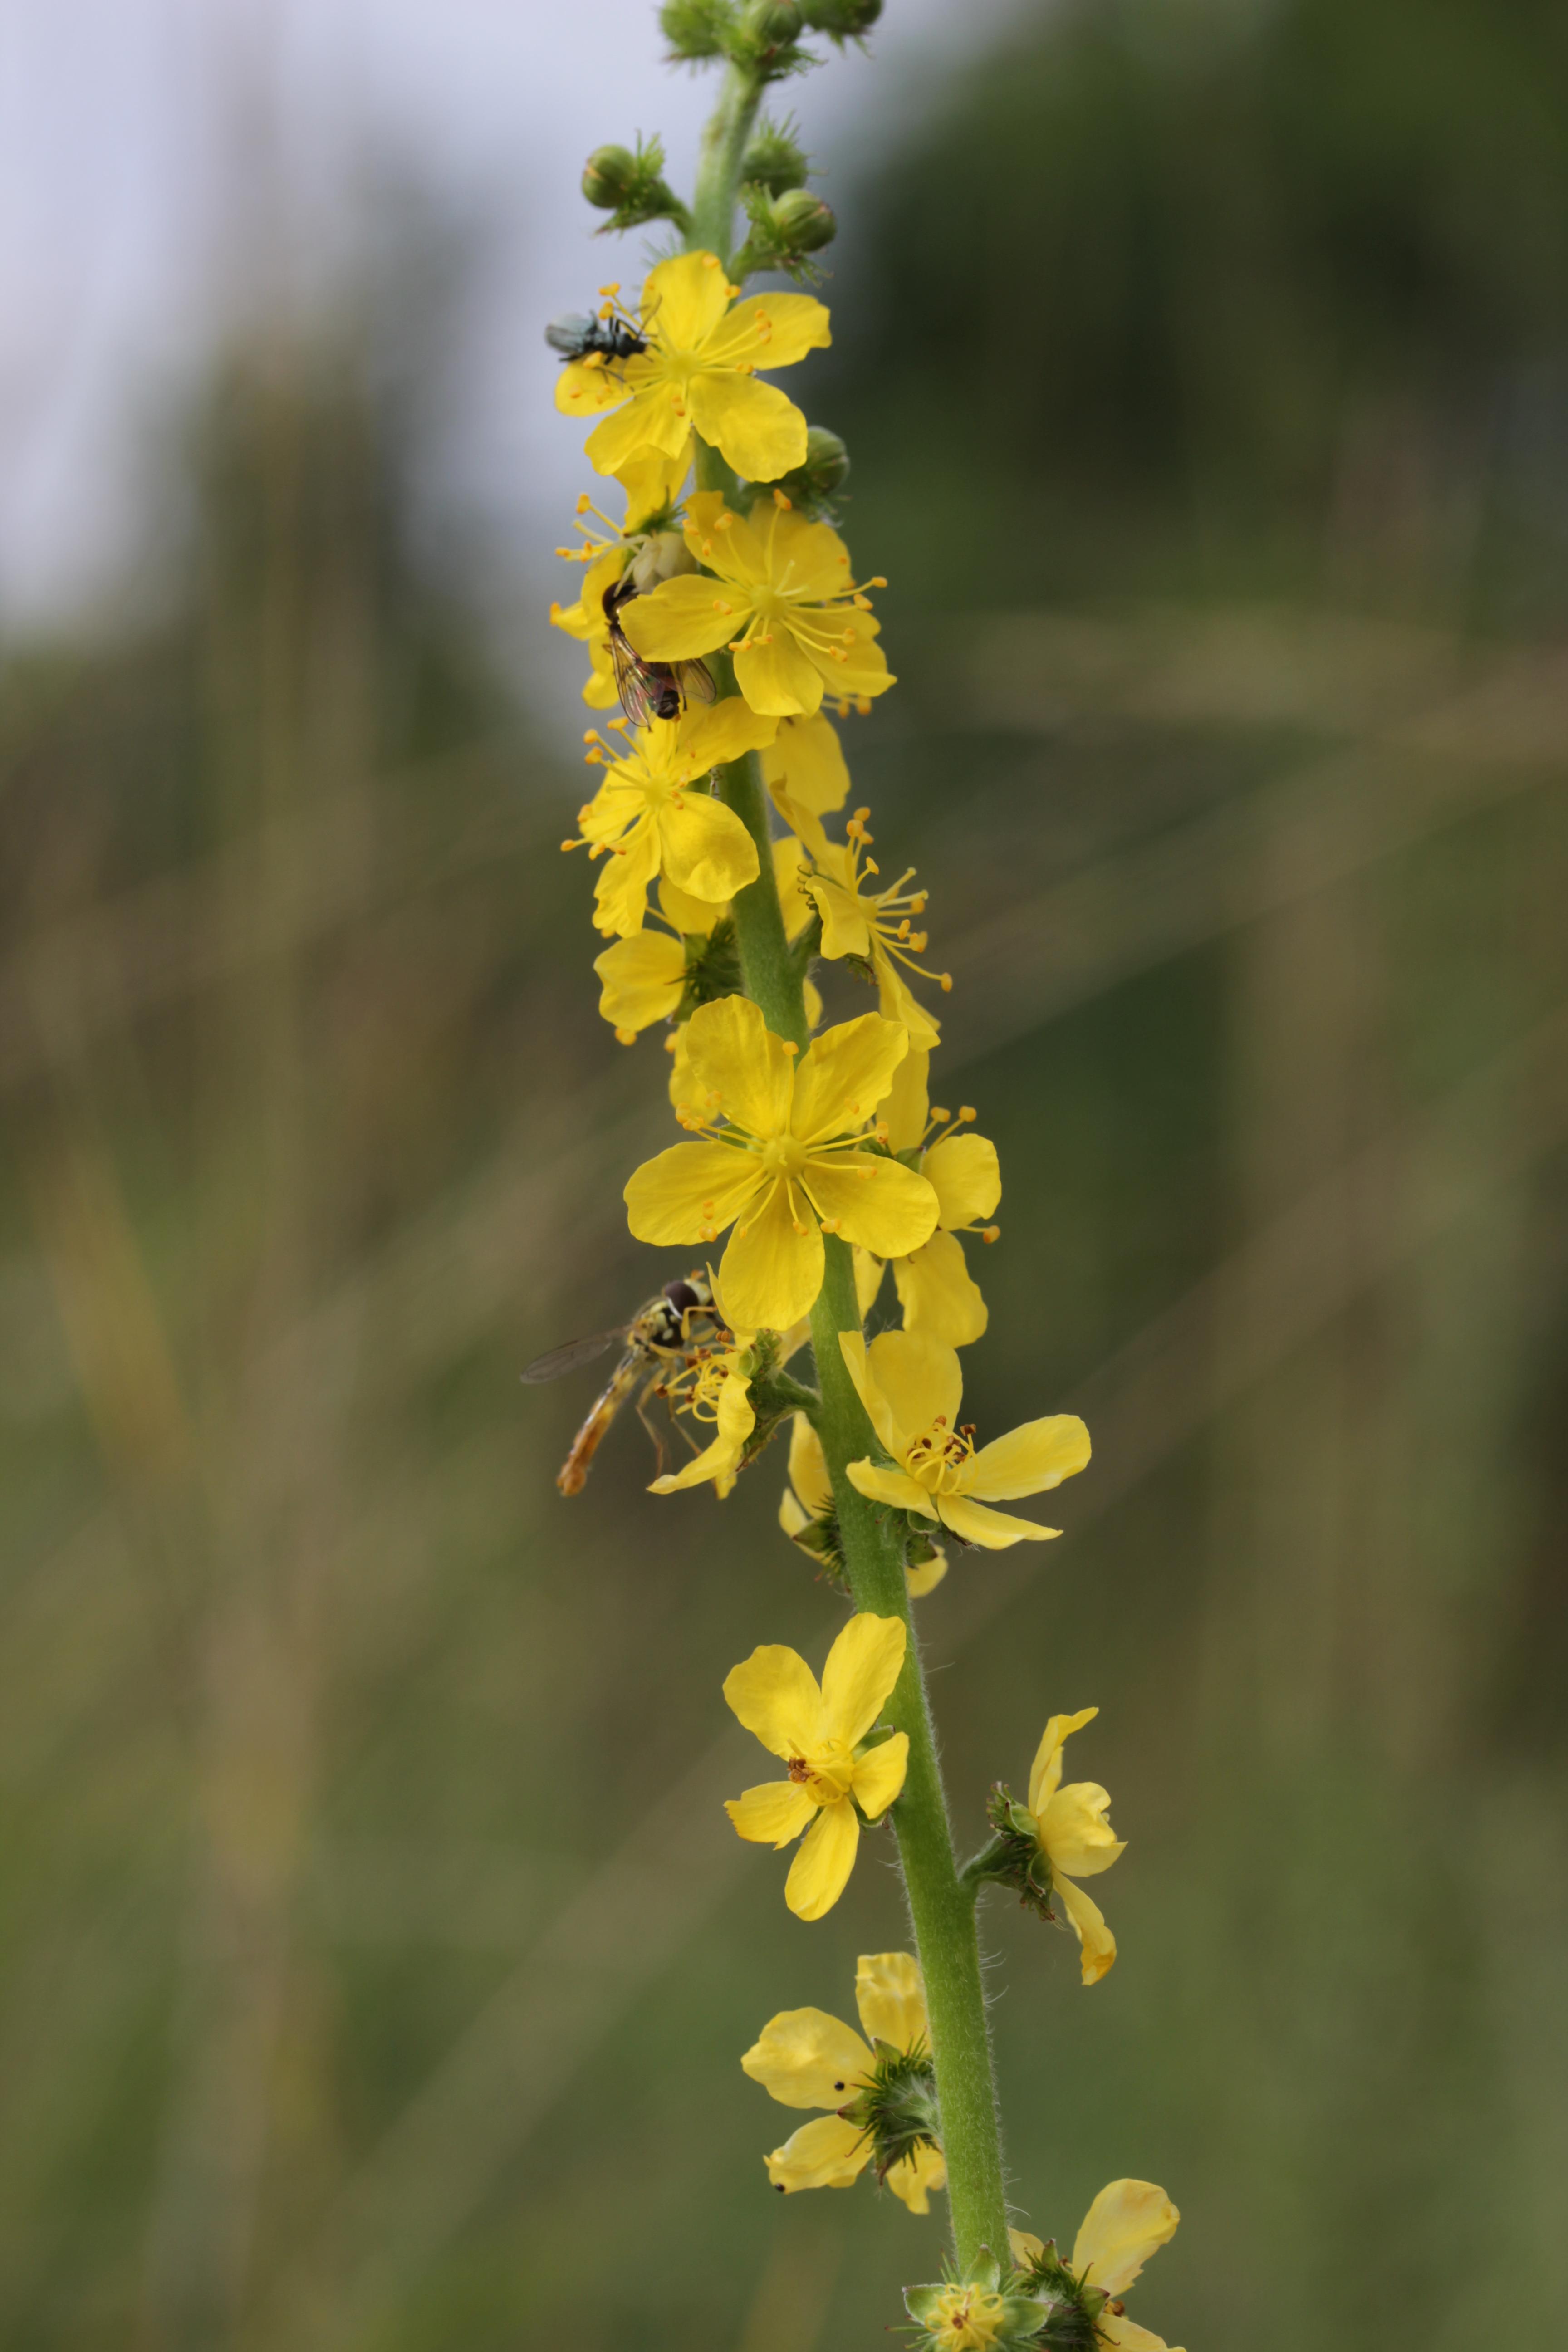 FileCommon Agrimony   Agrimonia eupatoria 20.jpg ...